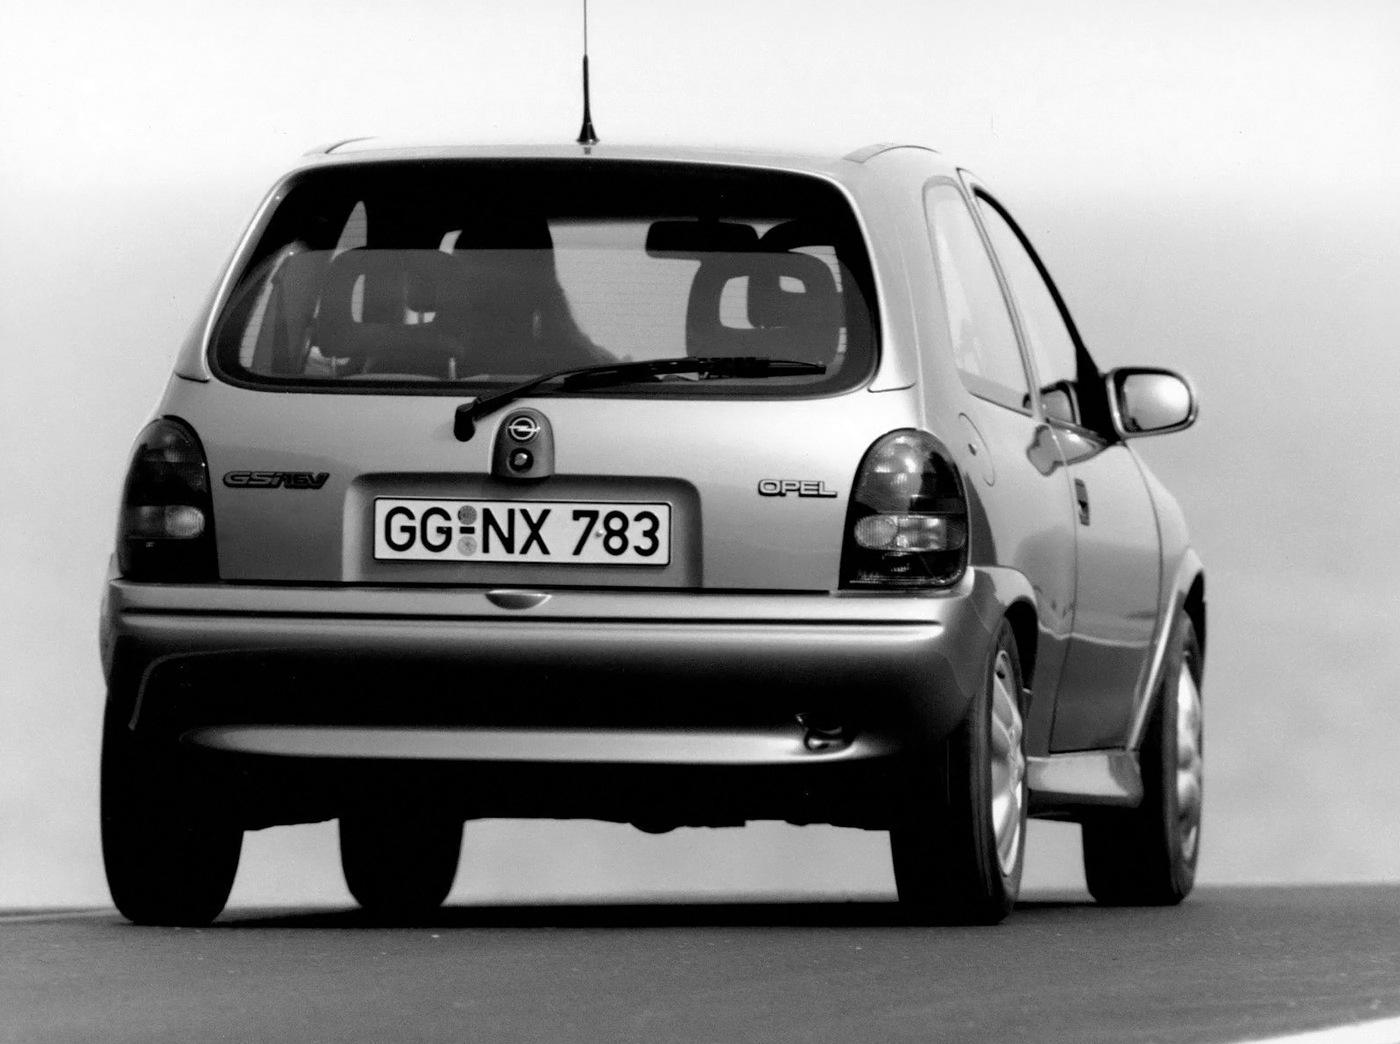 Opel Corsa GSi 16v 4